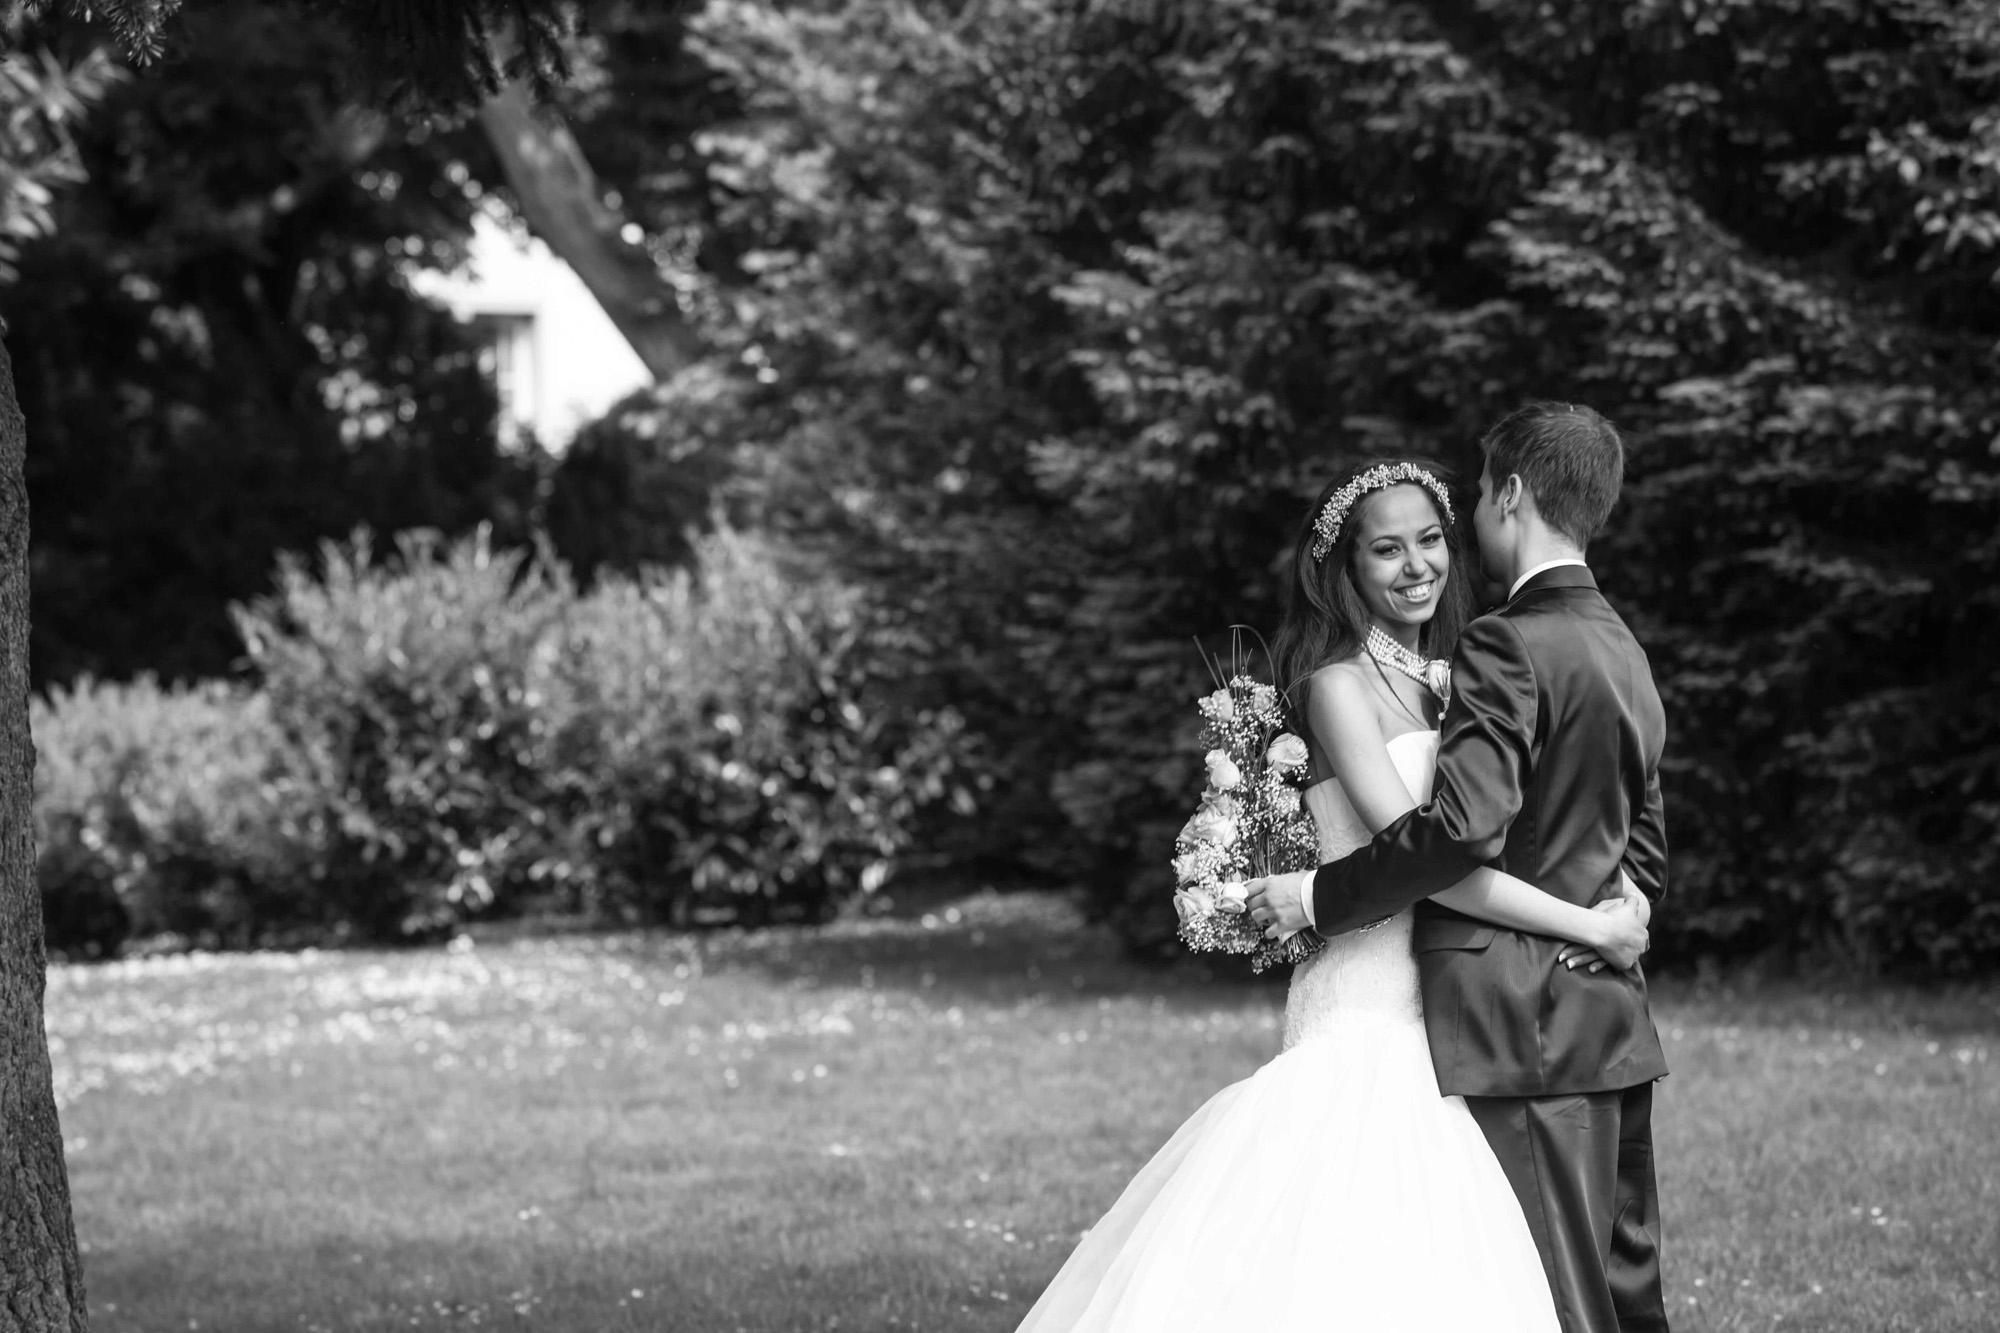 Hochzeitsfotografie - Barutpaar schwarz weiß in Freiburg